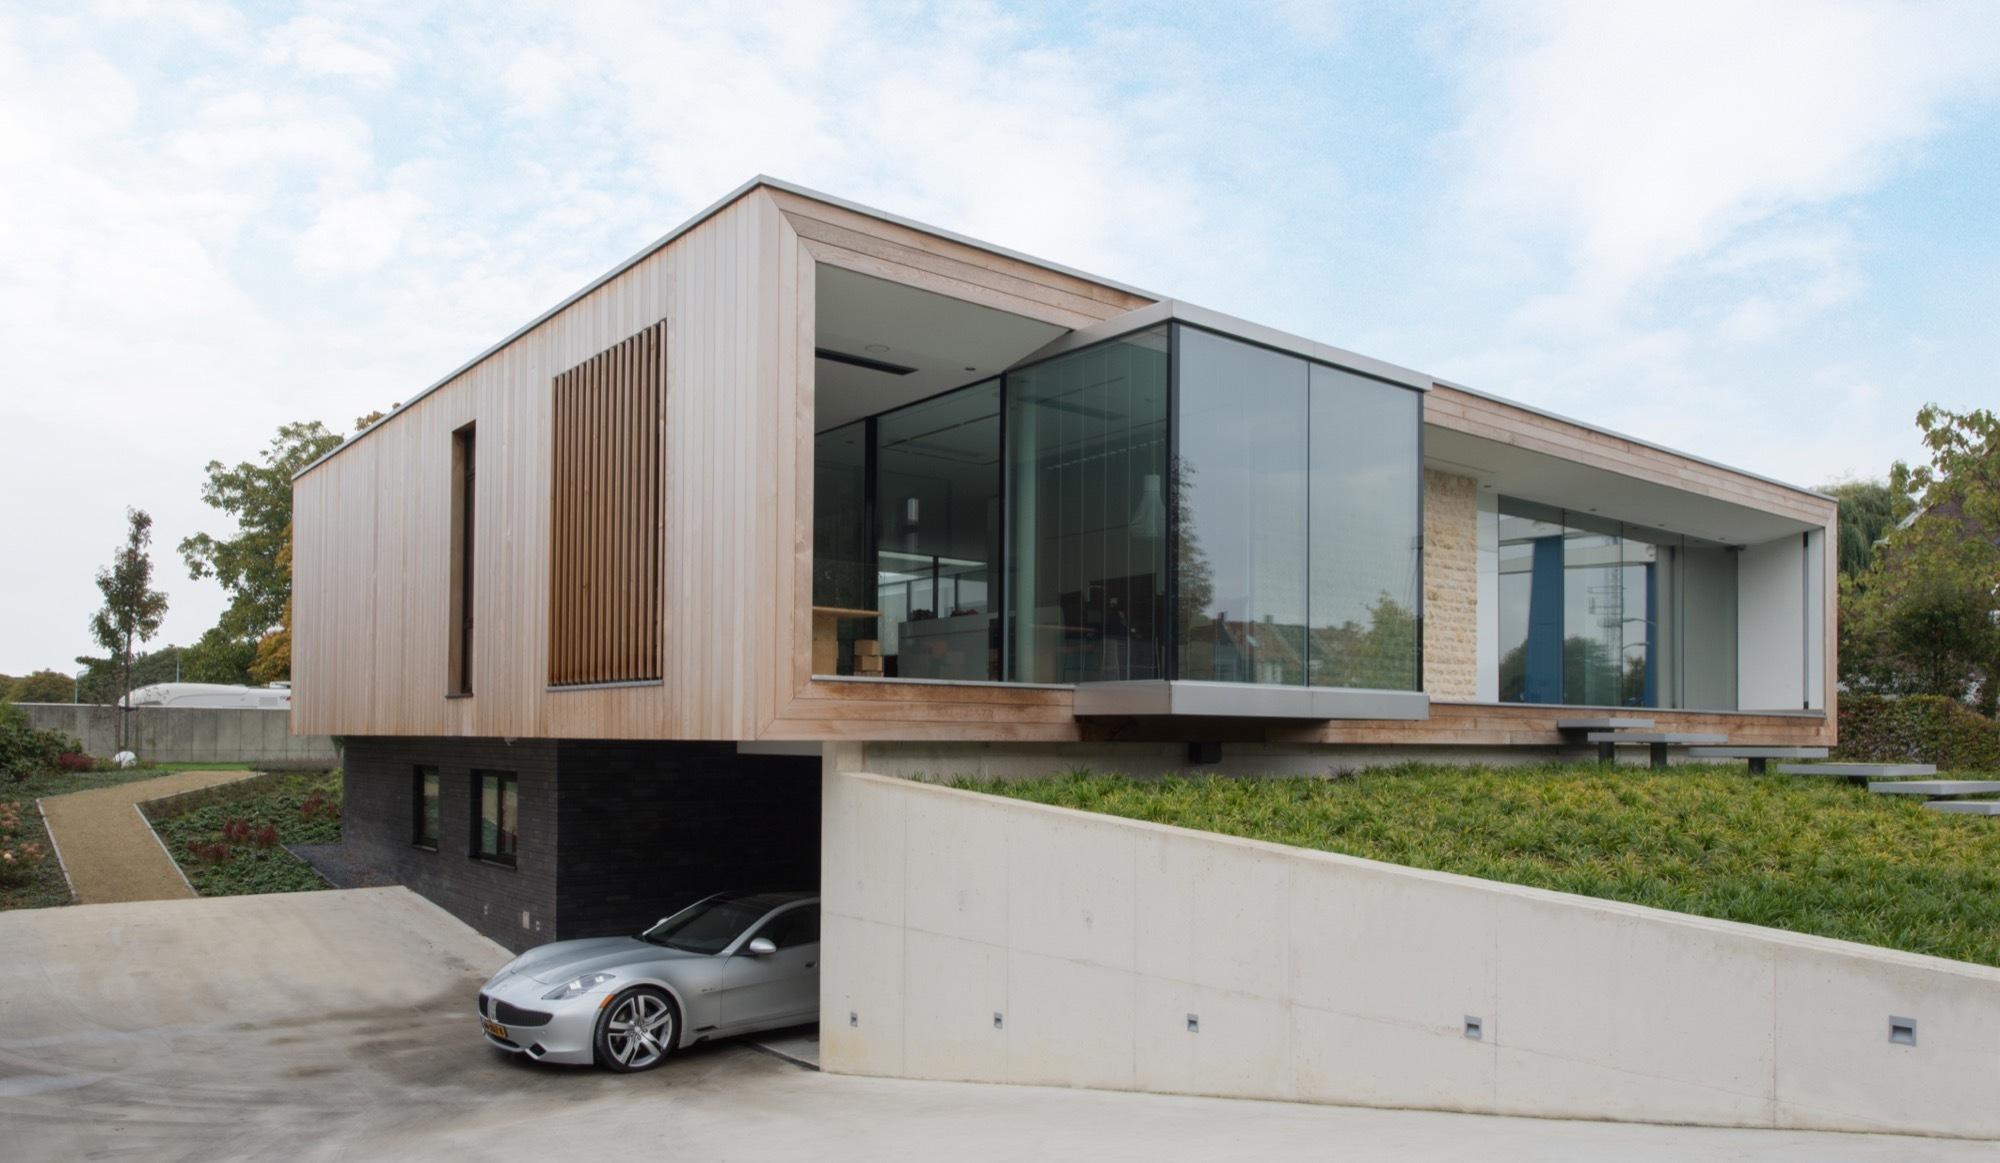 Villa m house liag architects archdaily for Einfamilienhaus mit flachdach